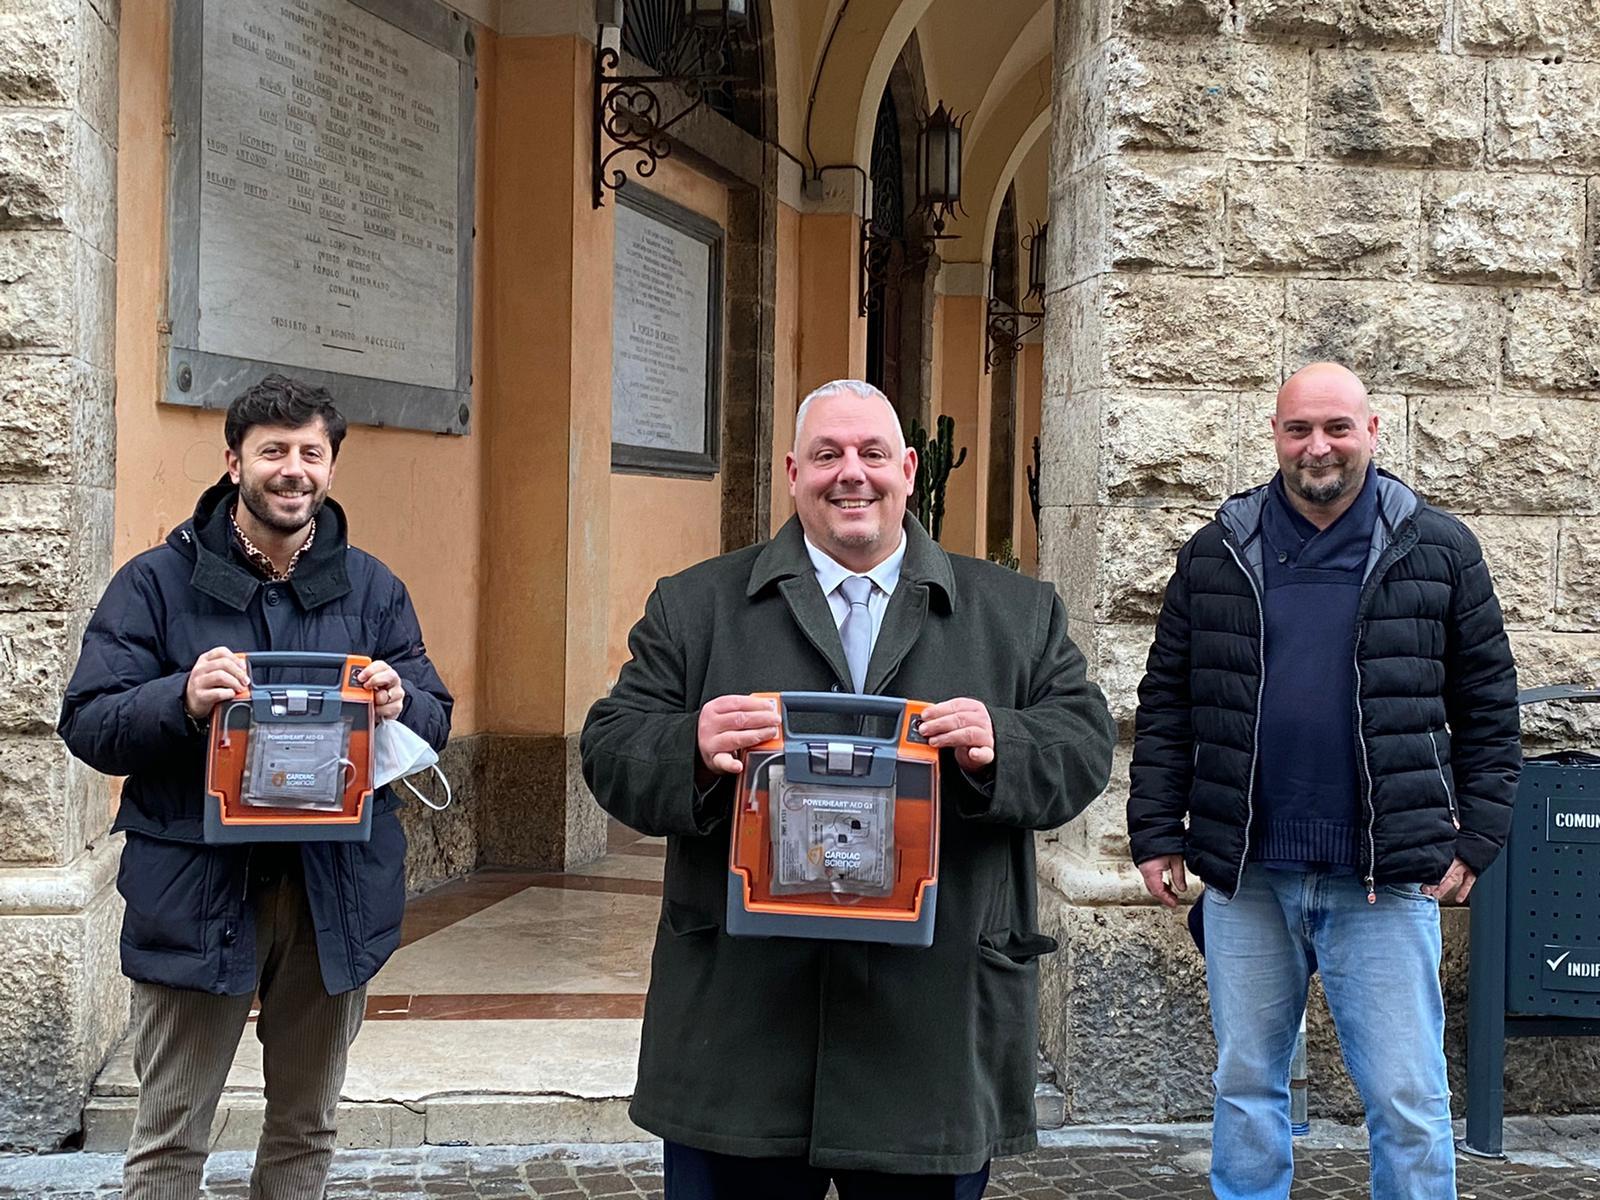 Vivarelli-Colonna-Megale-Guerrini-defibrillatori